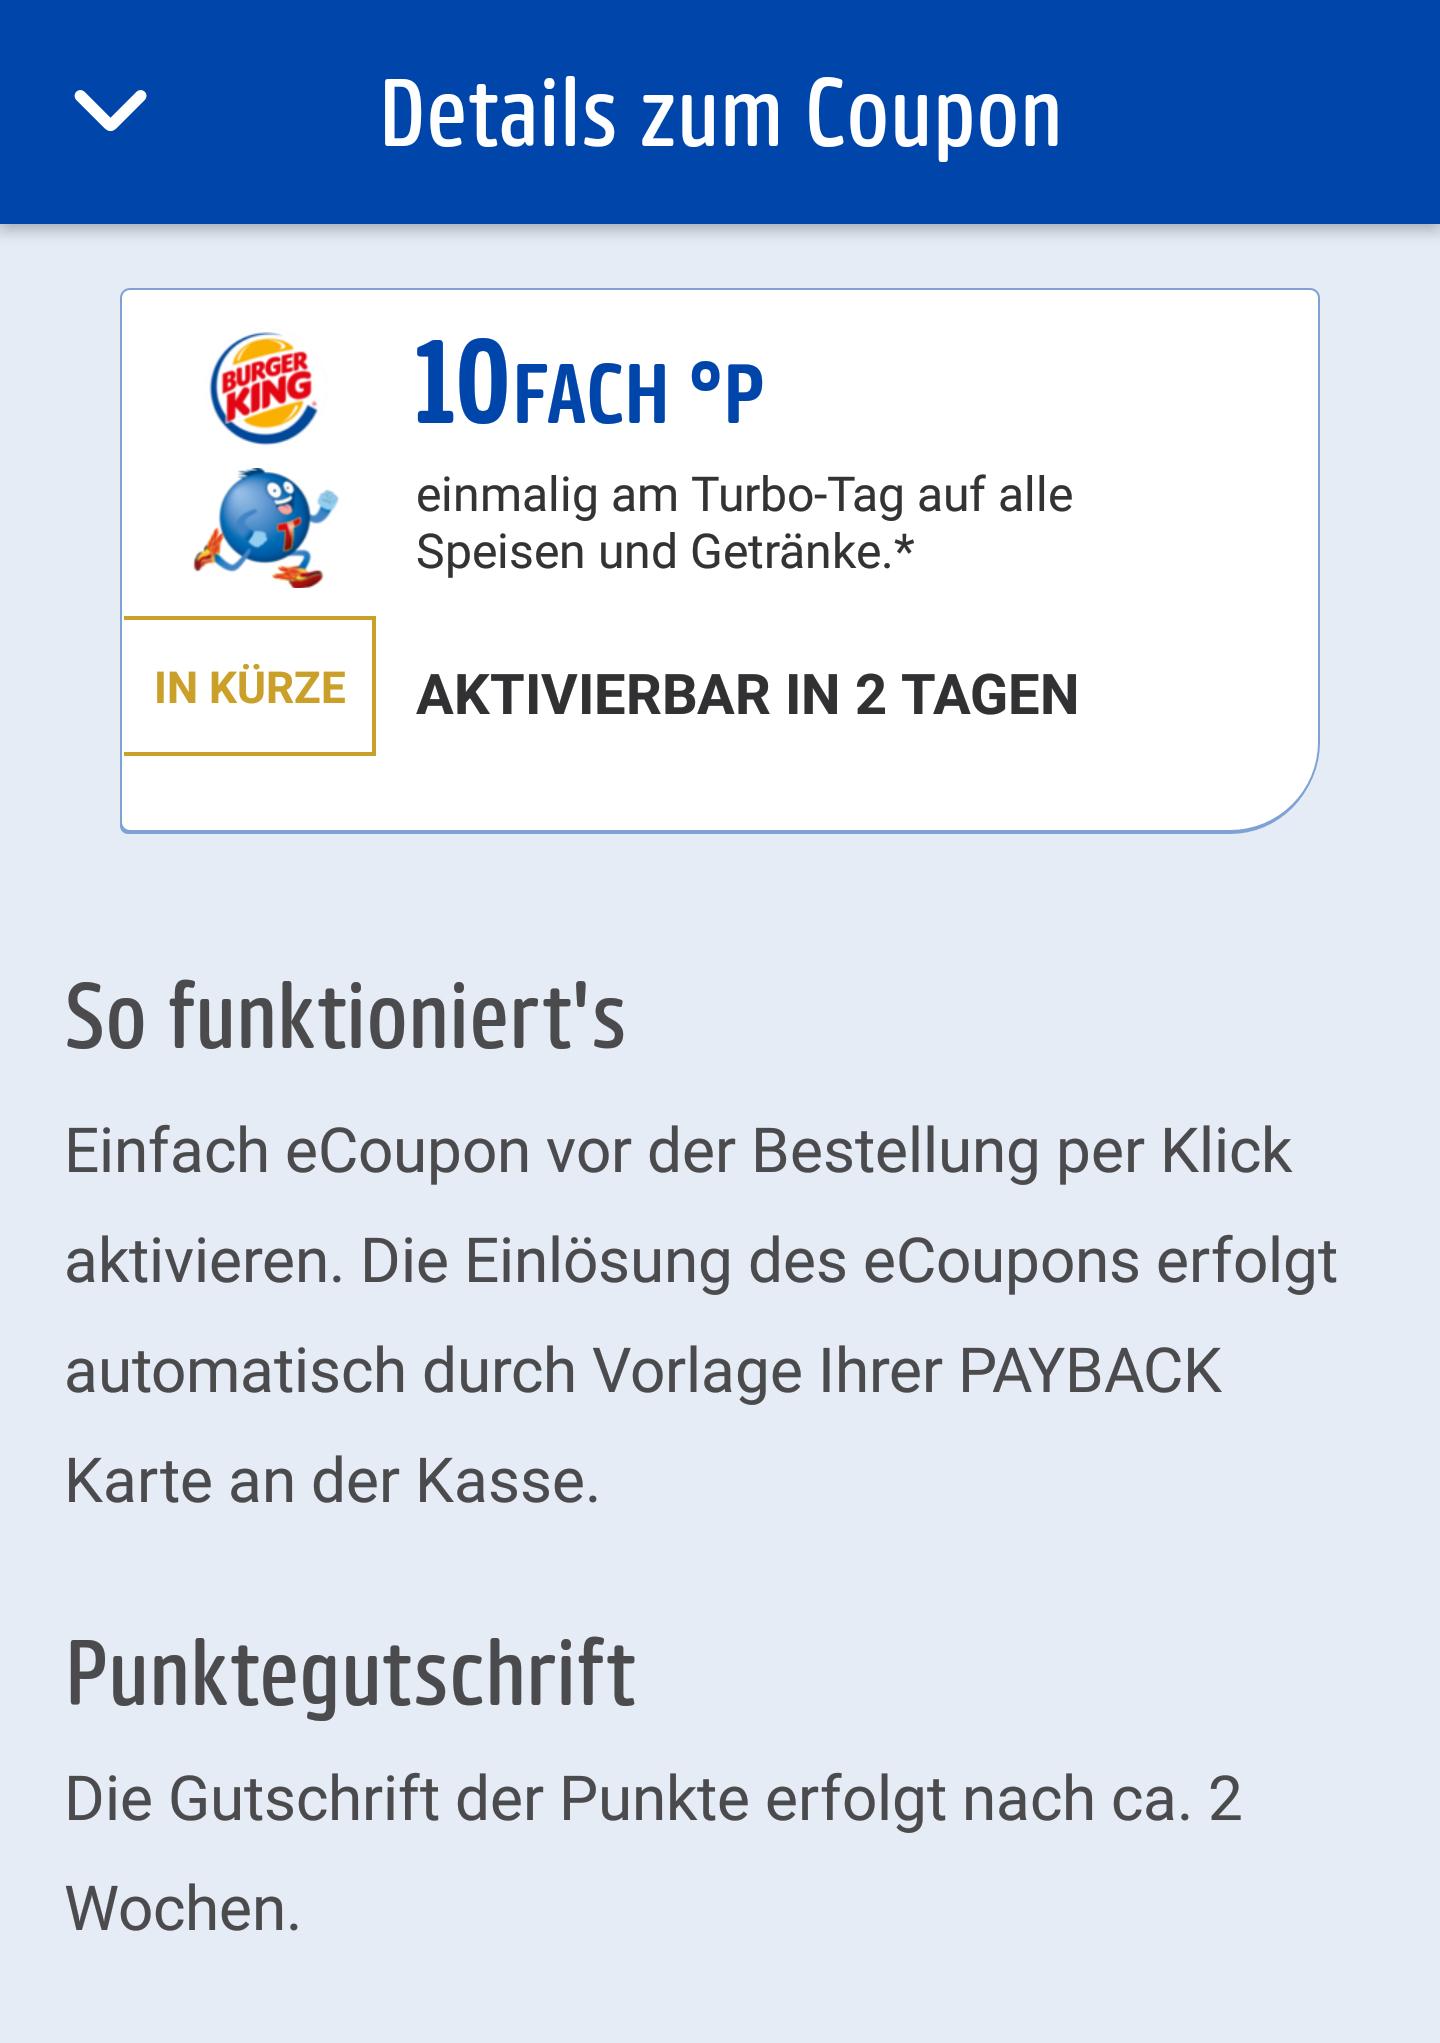 [Payback - Burger King] 10 Fach Punkte bei Burger King nur am 20.3 in der App aktivierbar